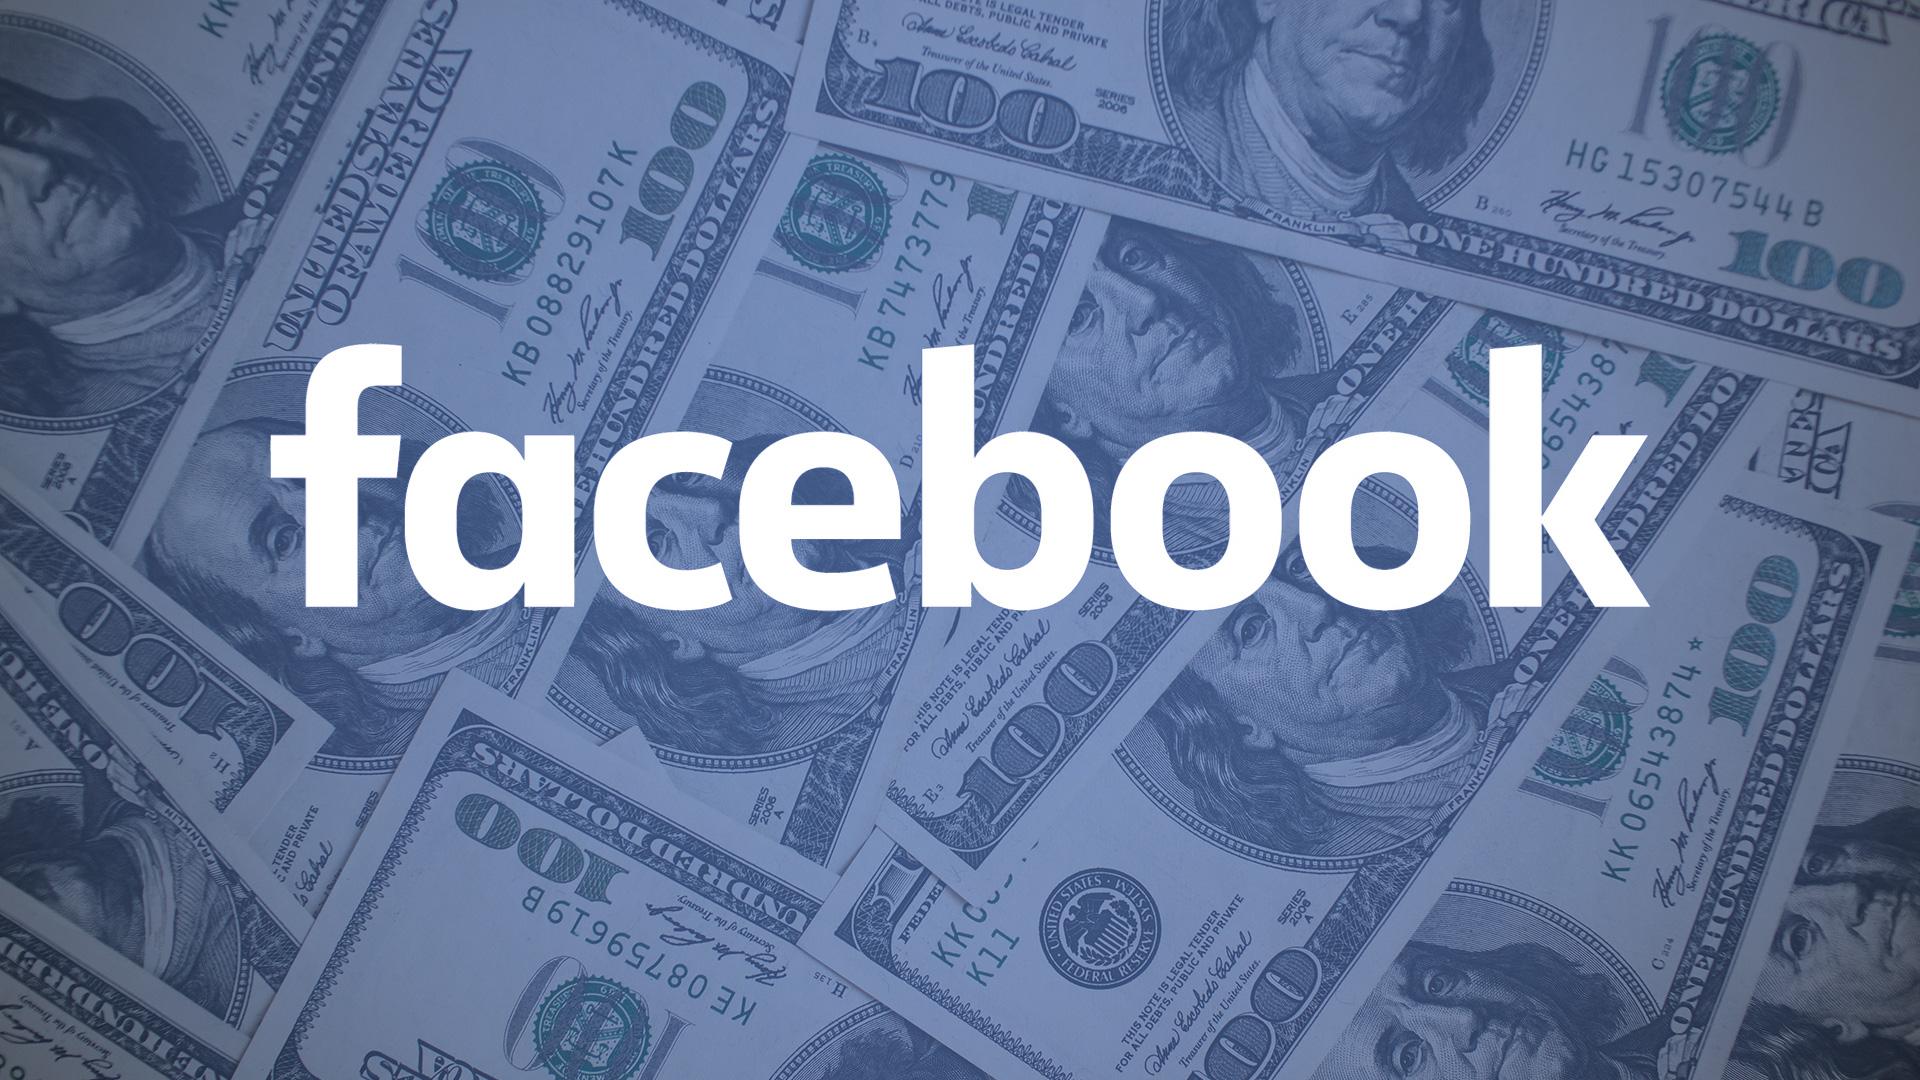 facebook-money-revenue-dollars2-ss-1920